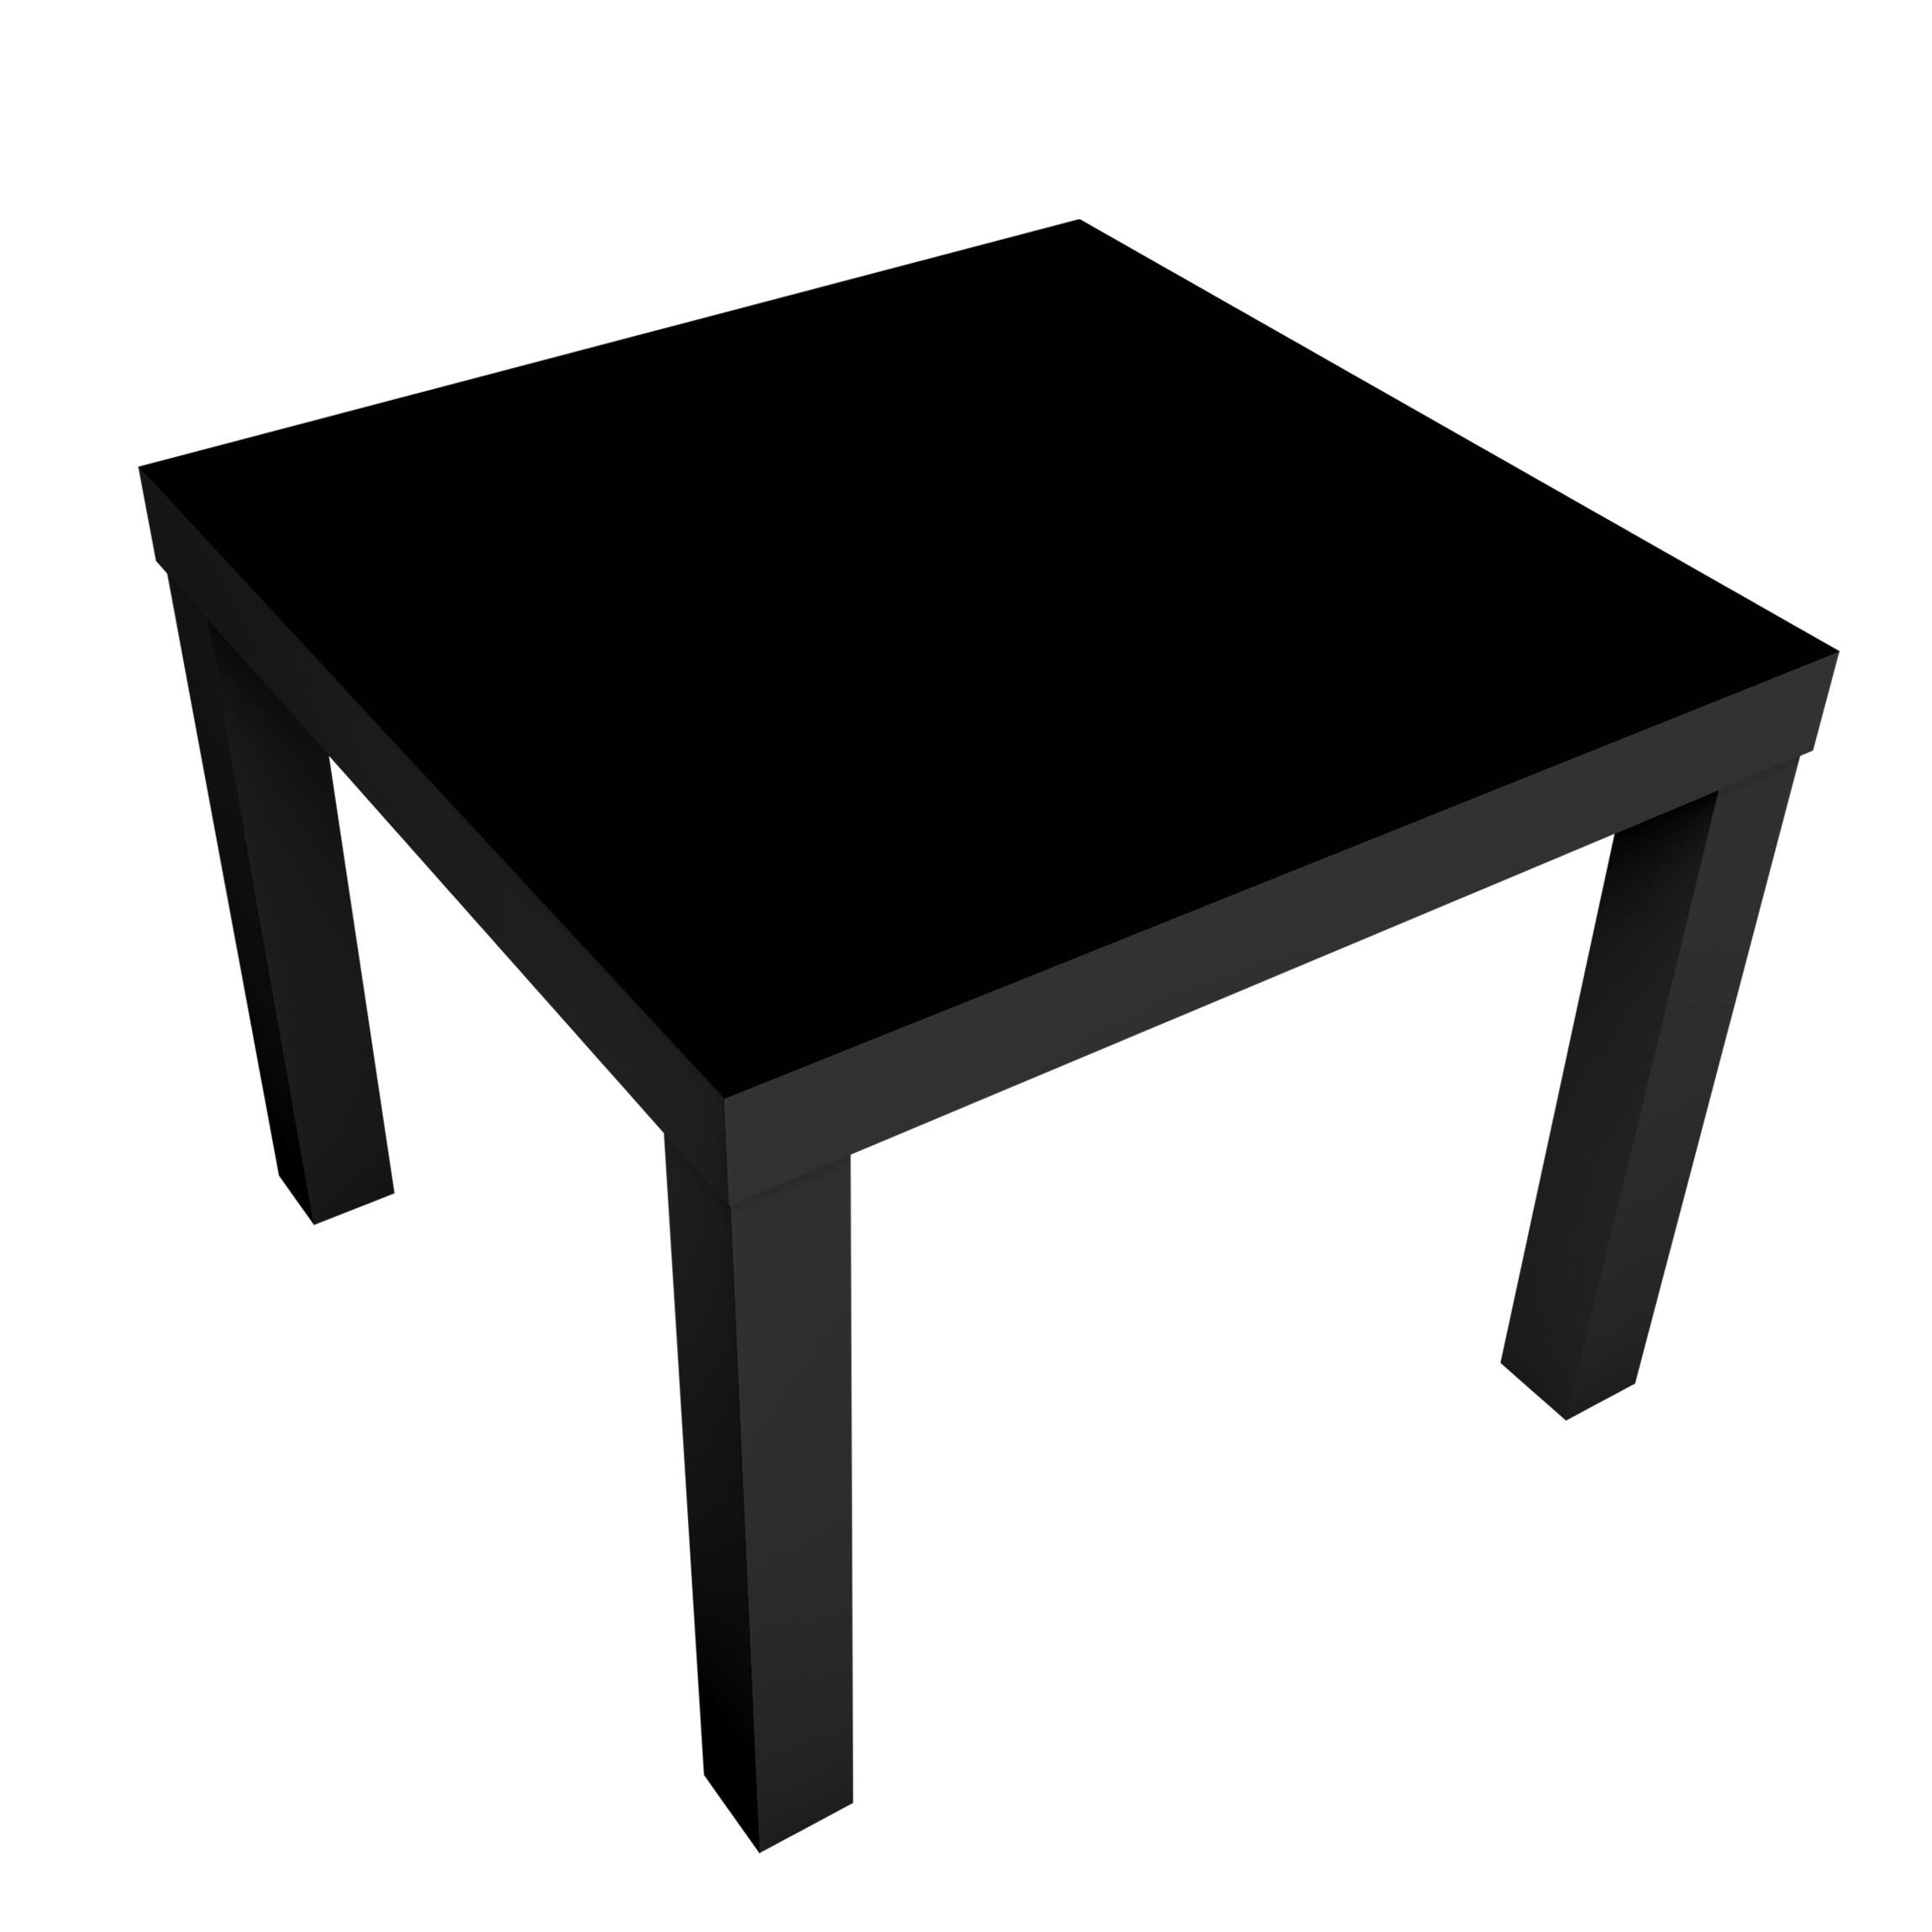 Carta adesiva per mobili ikea lack tavolino colour black - Carta adesiva colorata per mobili ...